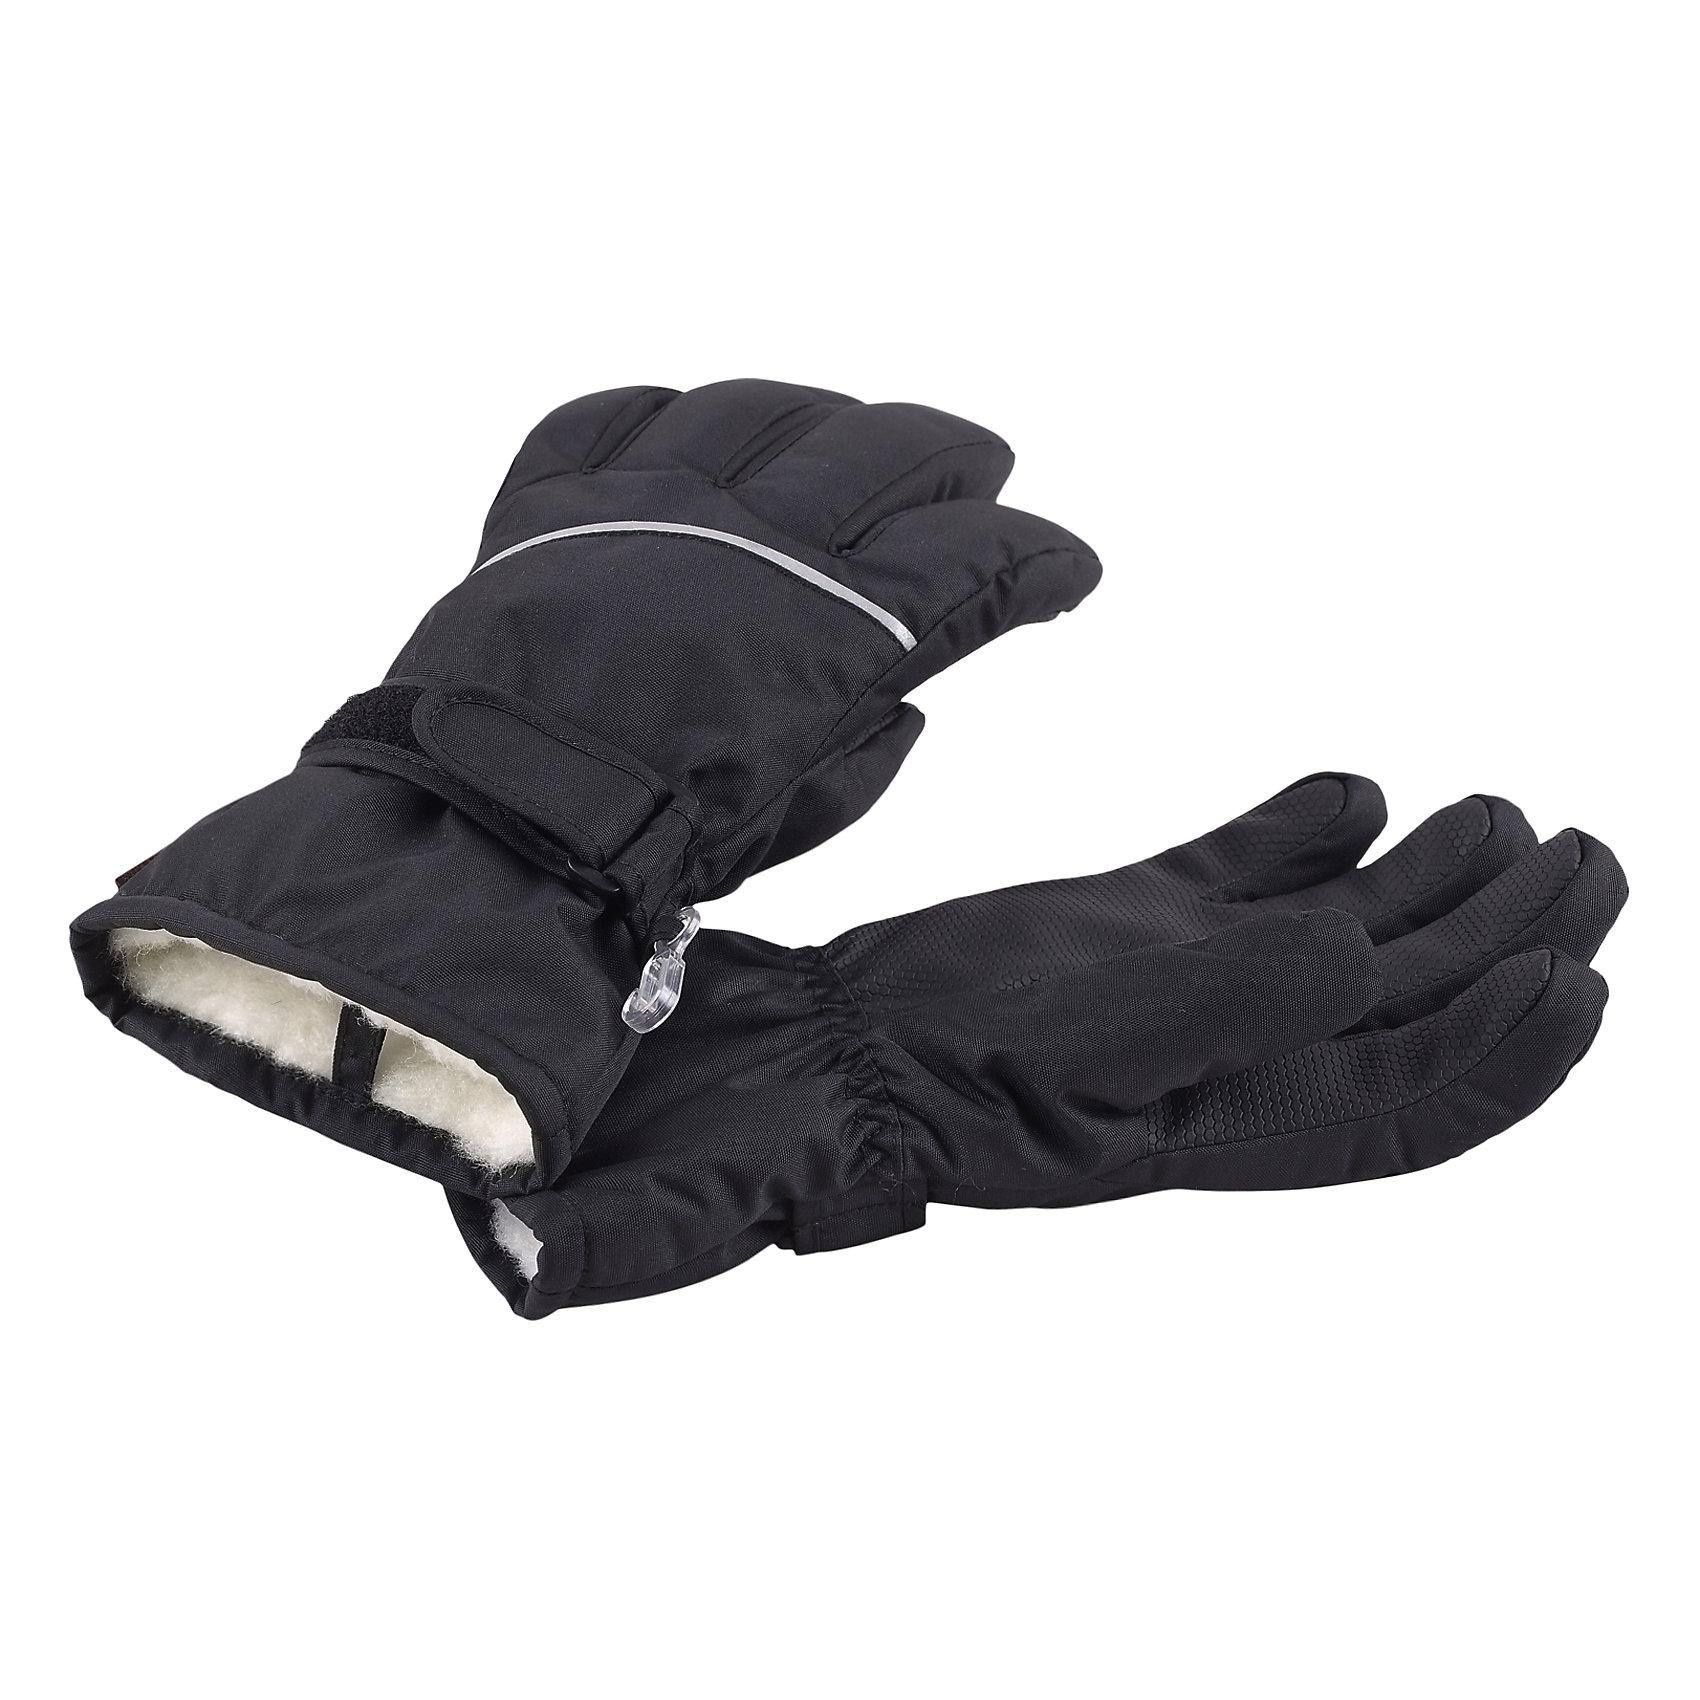 Перчатки Harald для мальчика ReimaПерчатки  Reima<br>Зимние перчатки для детей. Водонепроницаемый материал, вставки отсутствуют — товар не является водонепроницаемым. Водо- и ветронепроницаемый и грязеотталкивающий материал. Накладки на ладонях, кончиках пальцев и больших пальцах. Теплая ворсистая подкладка из ткани из смеси шерсти. Средняя степень утепления. Простая застежка на липучке. Логотип Reima® сбоку. Светоотражающие полосы.<br>Утеплитель: Reima® Comfortinsulation,80 g<br>Уход:<br>Стирать по отдельности. Стирать моющим средством, не содержащим отбеливающие вещества. Полоскать без специального средства. Сушить при низкой температуре. <br>Состав:<br>100% Полиамид, полиуретановое покрытие<br><br>Ширина мм: 162<br>Глубина мм: 171<br>Высота мм: 55<br>Вес г: 119<br>Цвет: черный<br>Возраст от месяцев: 72<br>Возраст до месяцев: 96<br>Пол: Мужской<br>Возраст: Детский<br>Размер: 5,6,7,8,3,4<br>SKU: 4779771